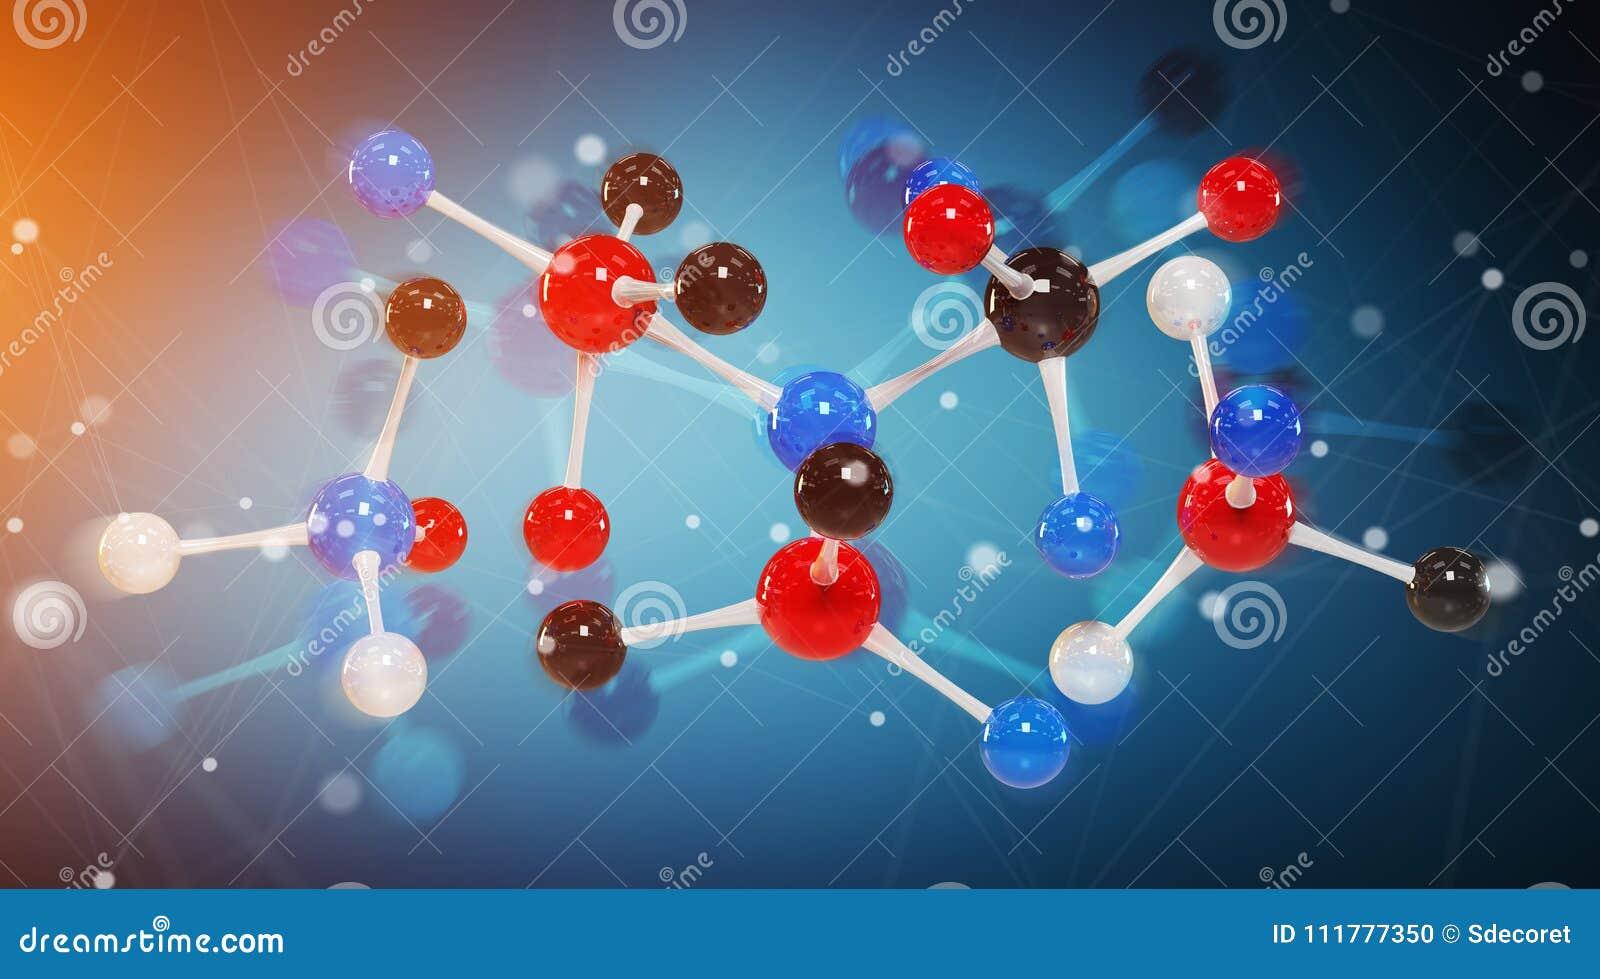 Σύγχρονη ψηφιακή τρισδιάστατη απόδοση δομών μορίων